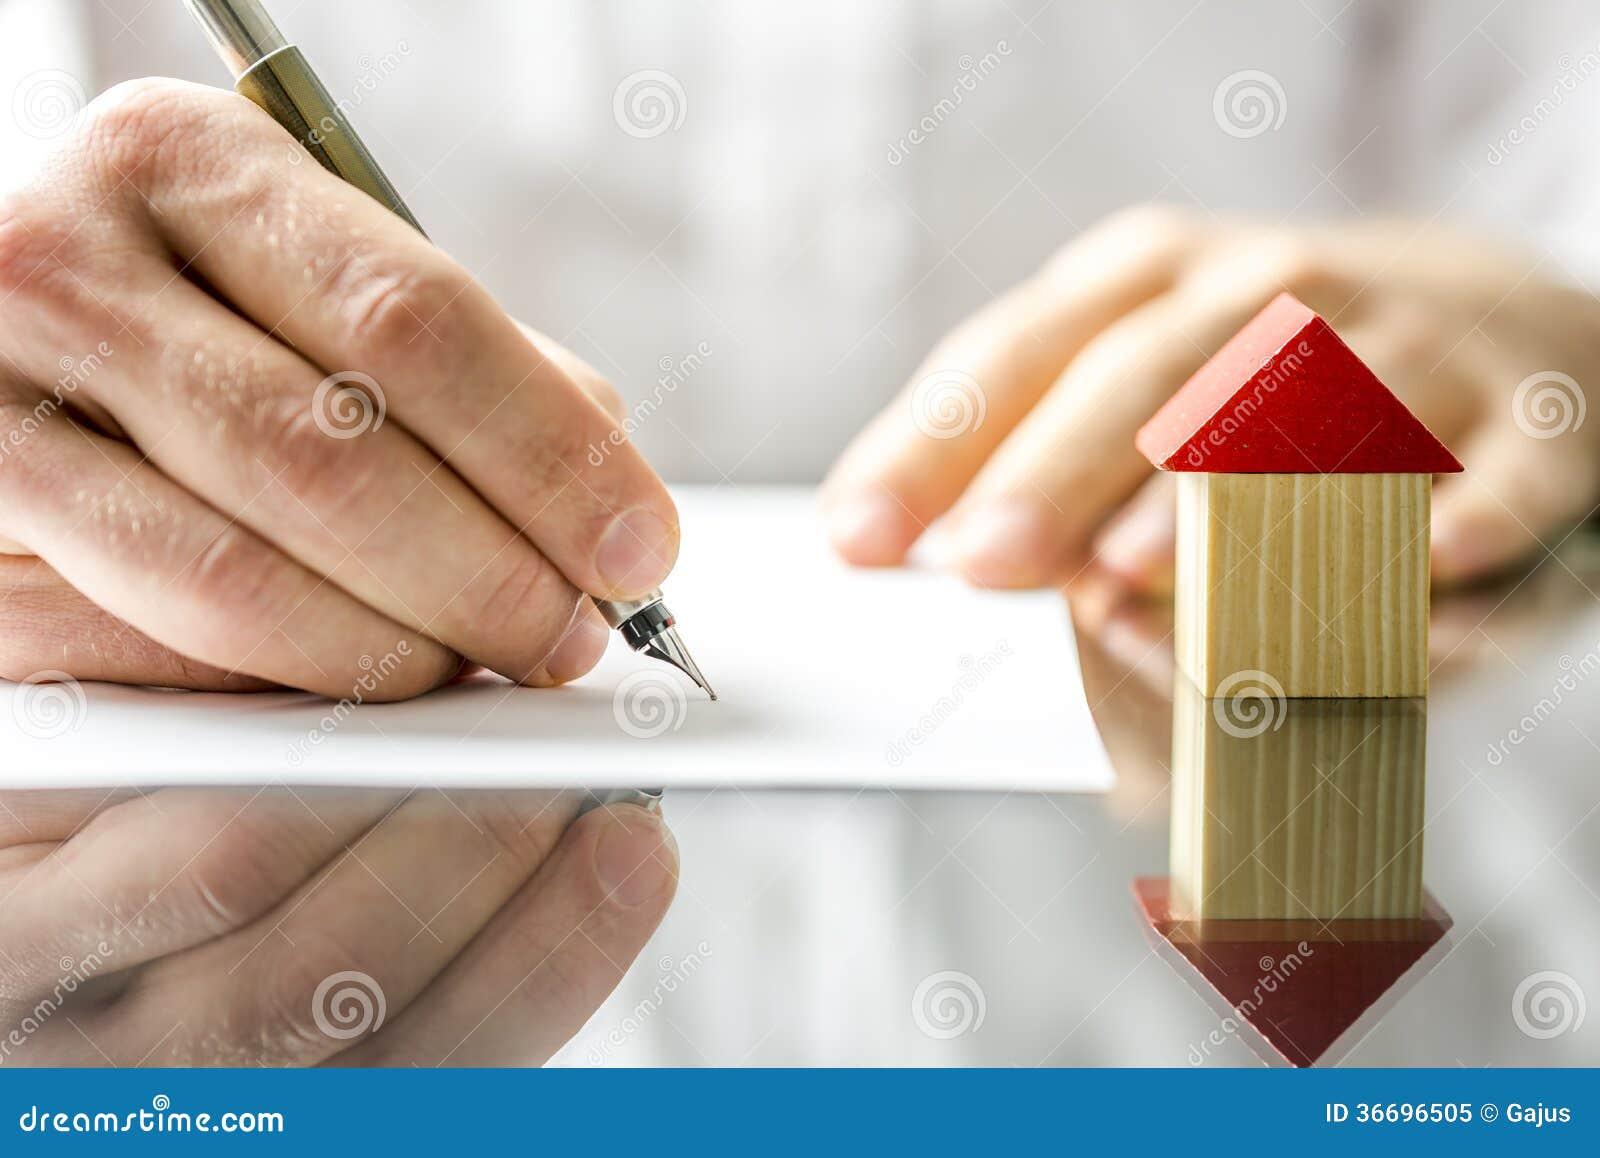 Sirva La Firma De Un Contrato Al Comprar Una Nueva Casa Imagen de ...